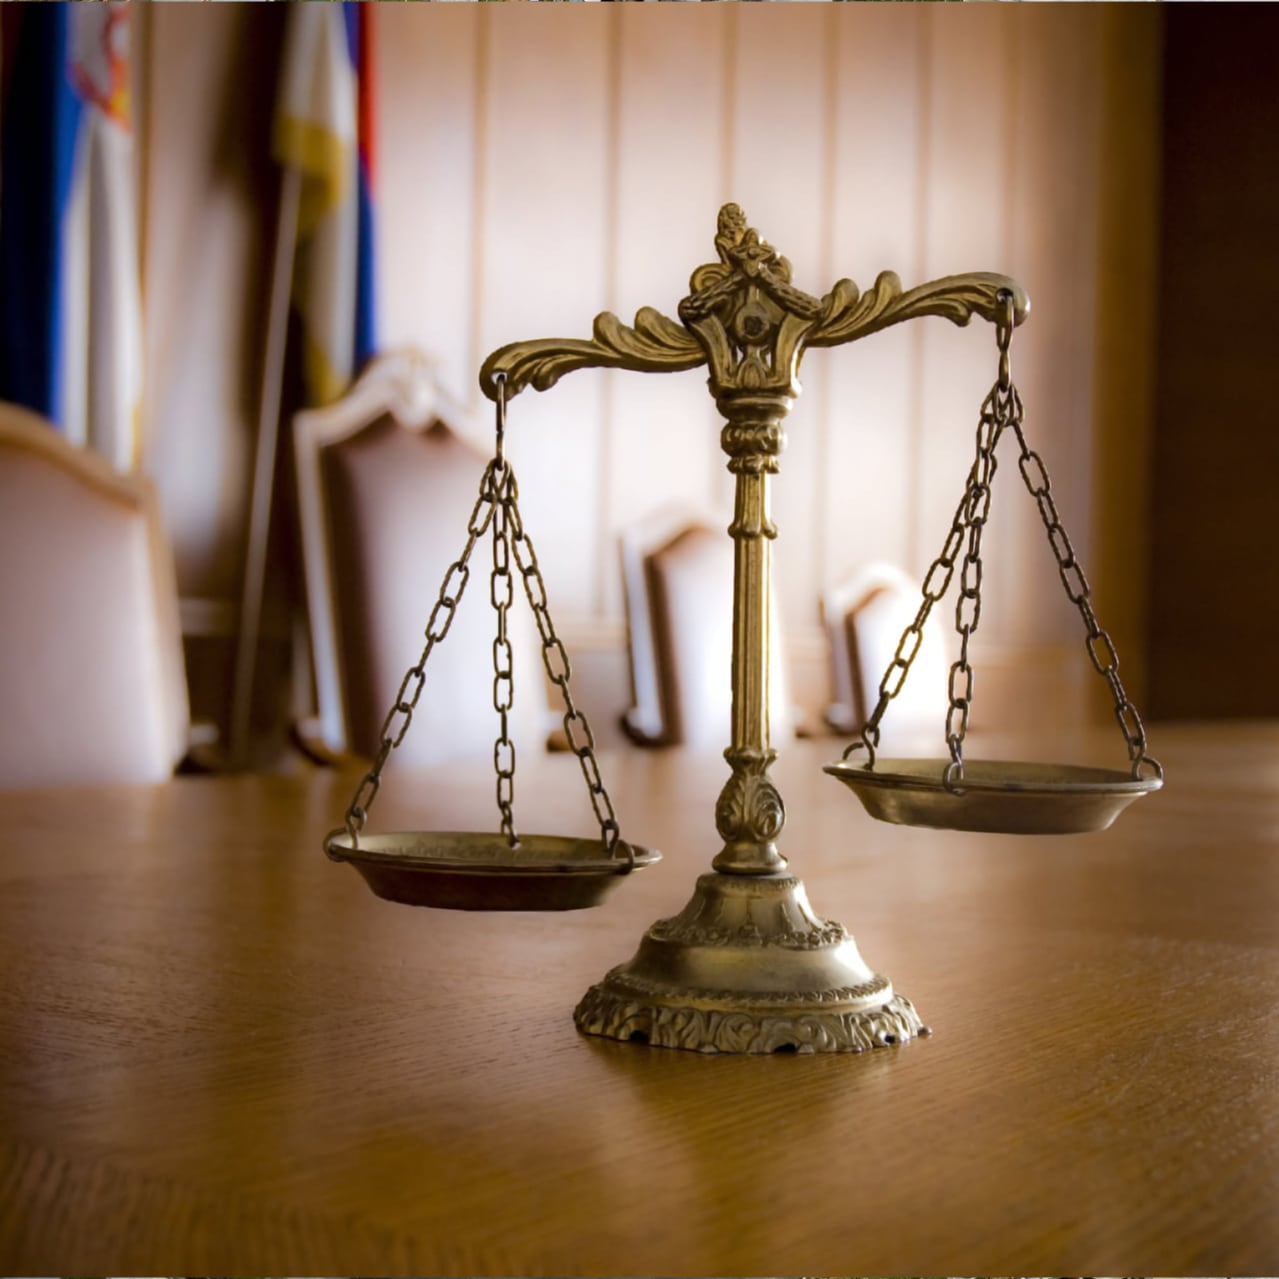 Commercial Litigation Practice